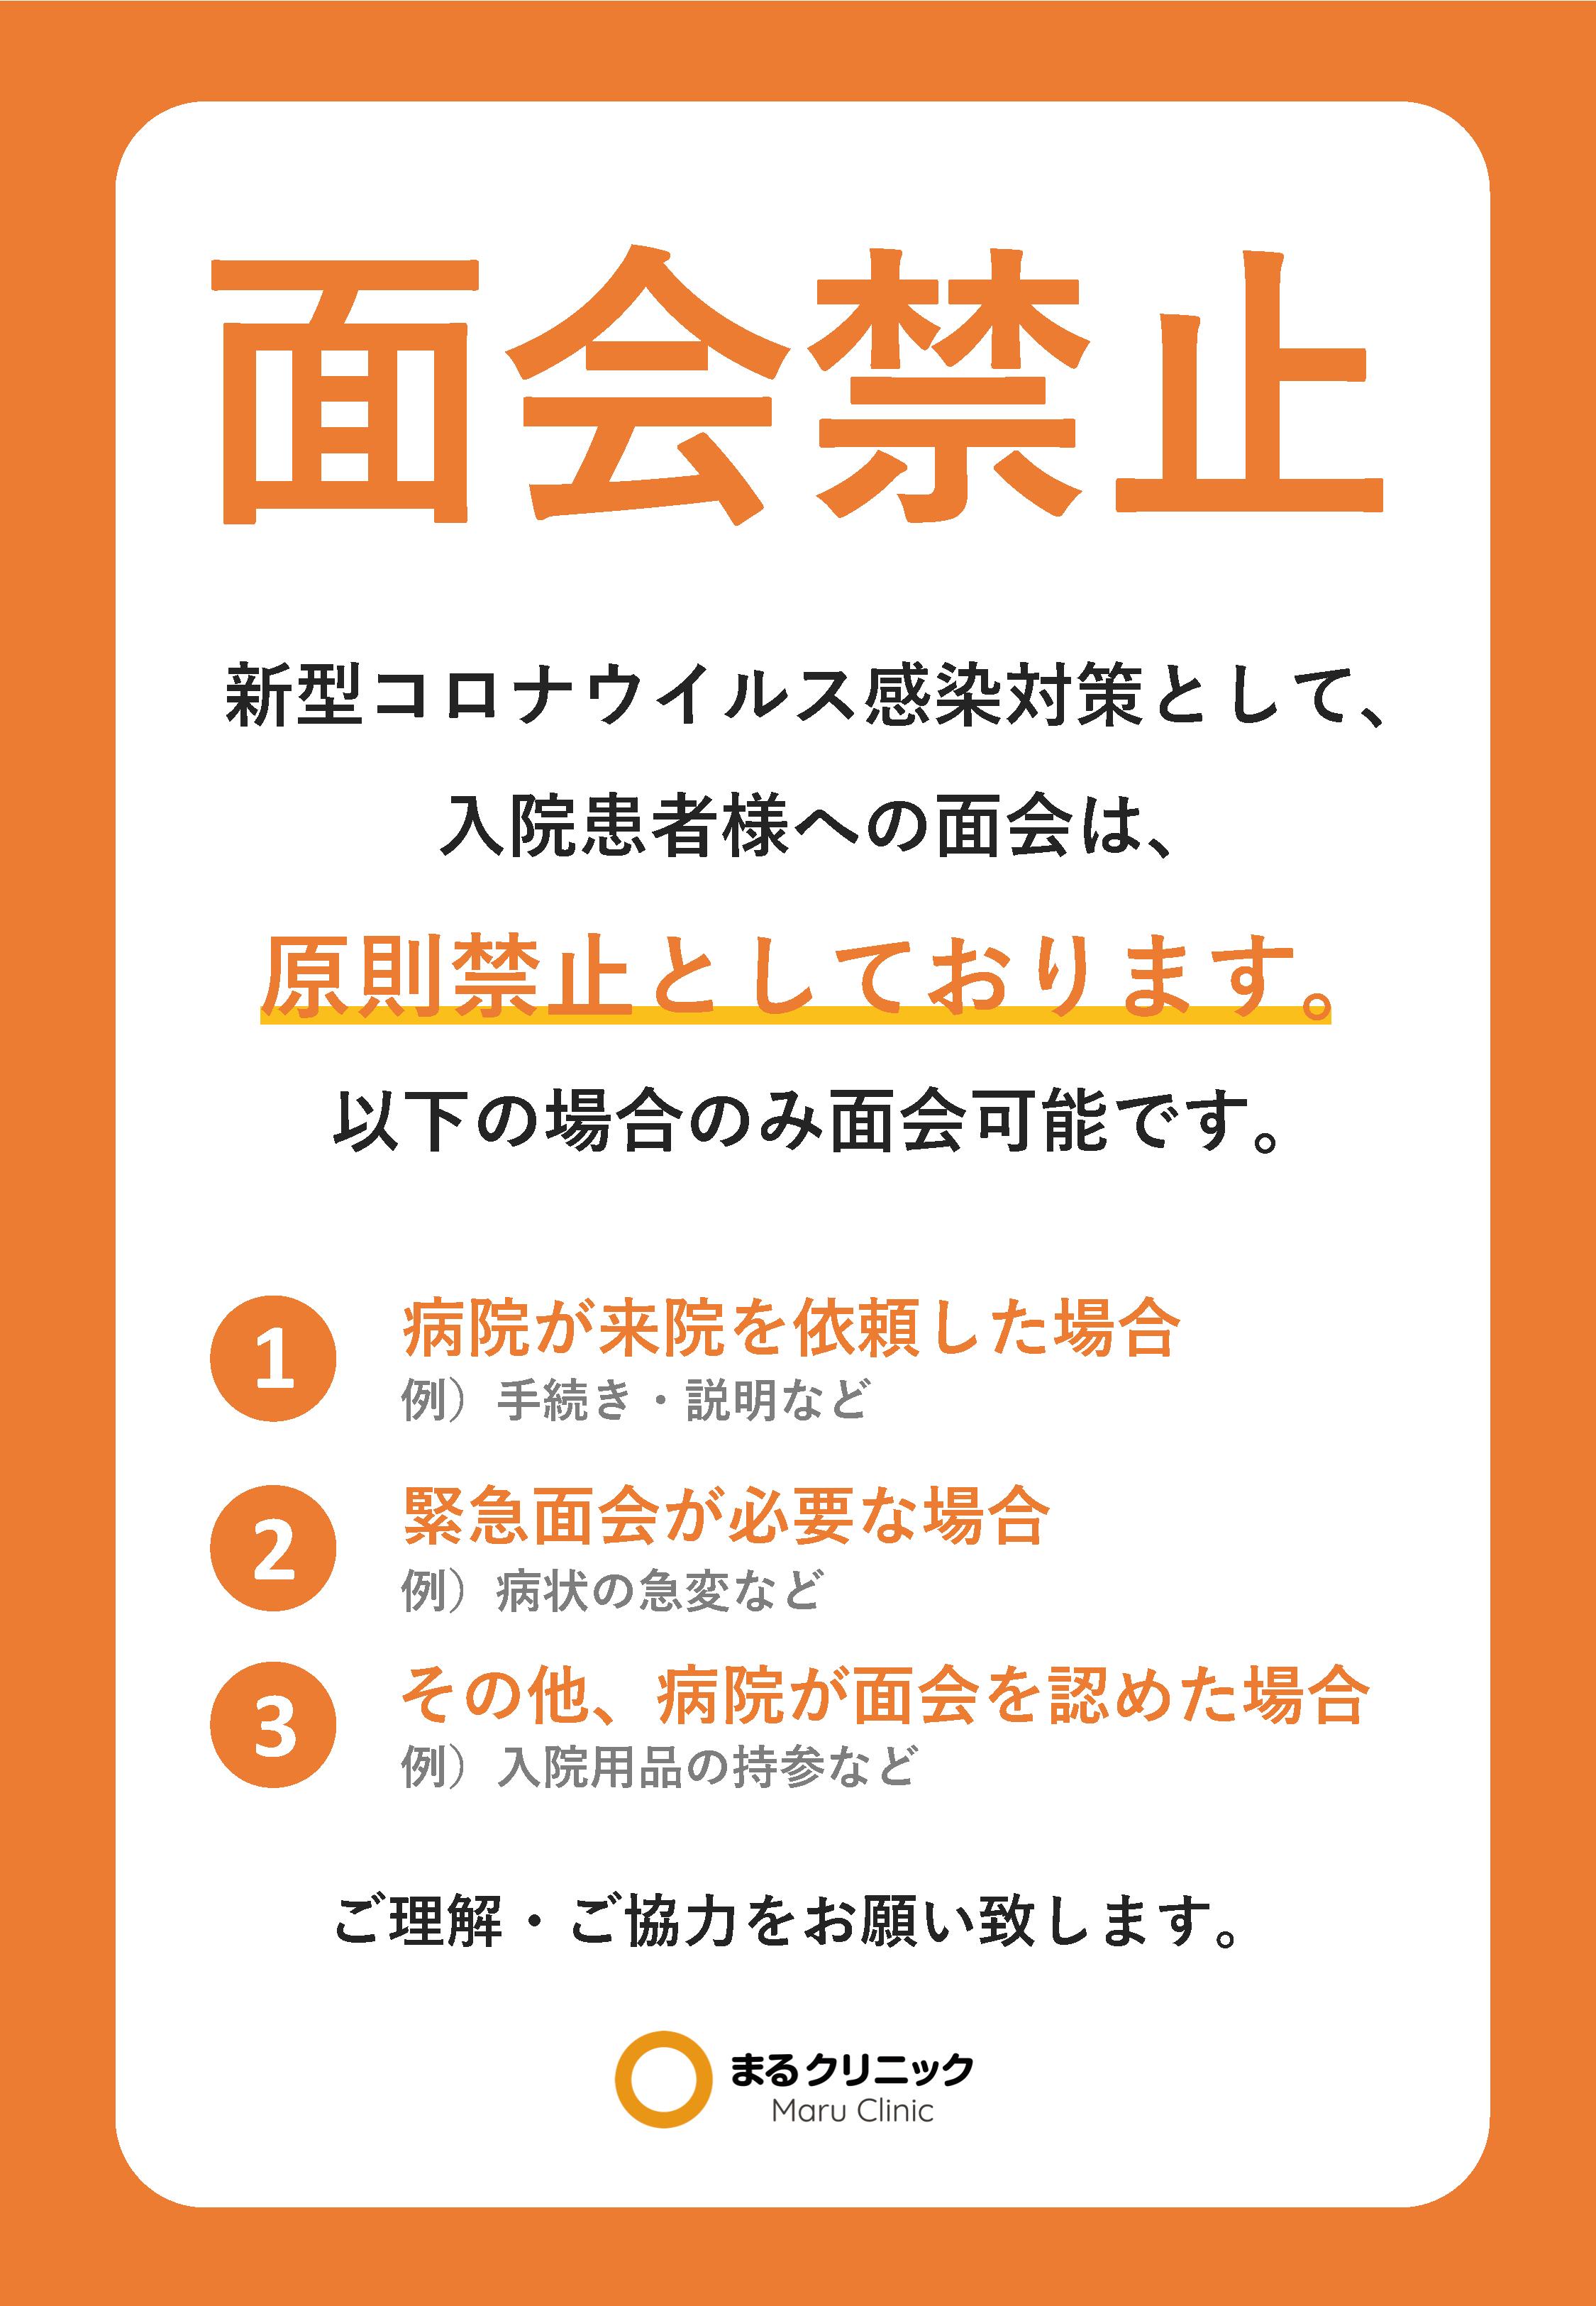 面会禁止ポスター 【新型コロナウイルス対策ツール】